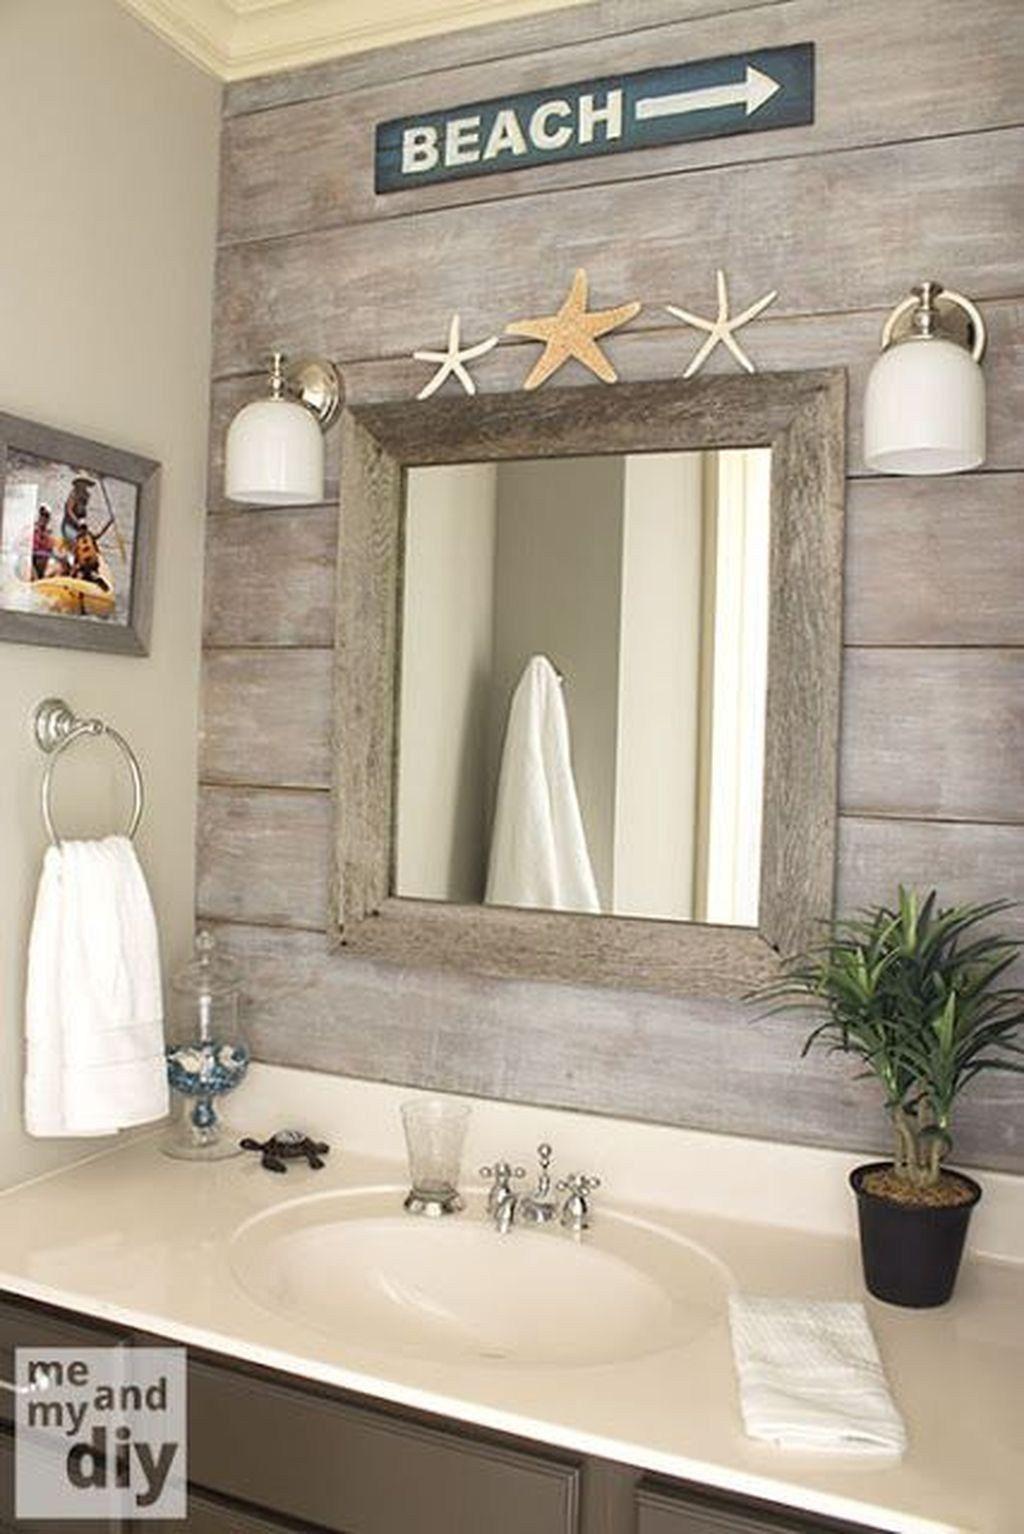 Fabulous Coastal Decor Ideas For Bathroom 01 With Images Beach